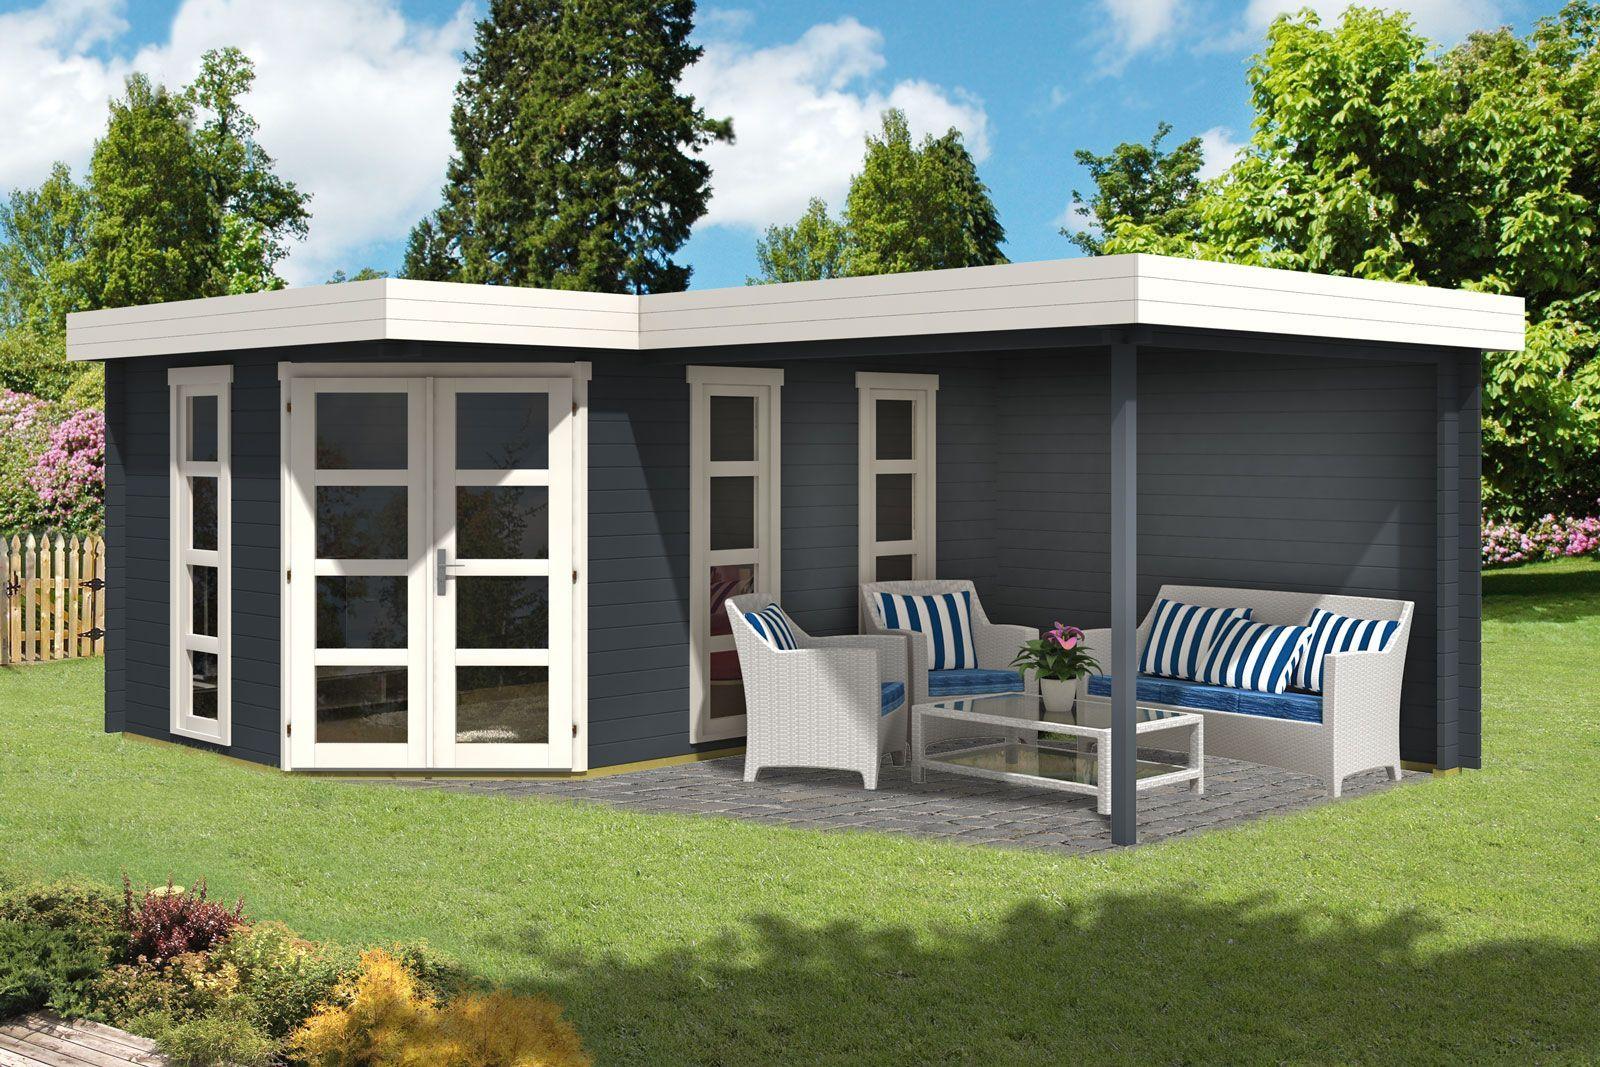 5-Eck Gartenhaus Lindau-40 mit Anbau Bestellen Sie Ihr Gartenhaus beim Fachmann! Über 1.000 Modelle mit Flachdach, Spitzdach, 5-Eck uvm. +++ 0€ Versand. +++ Jetzt Schnäppchen sichern!